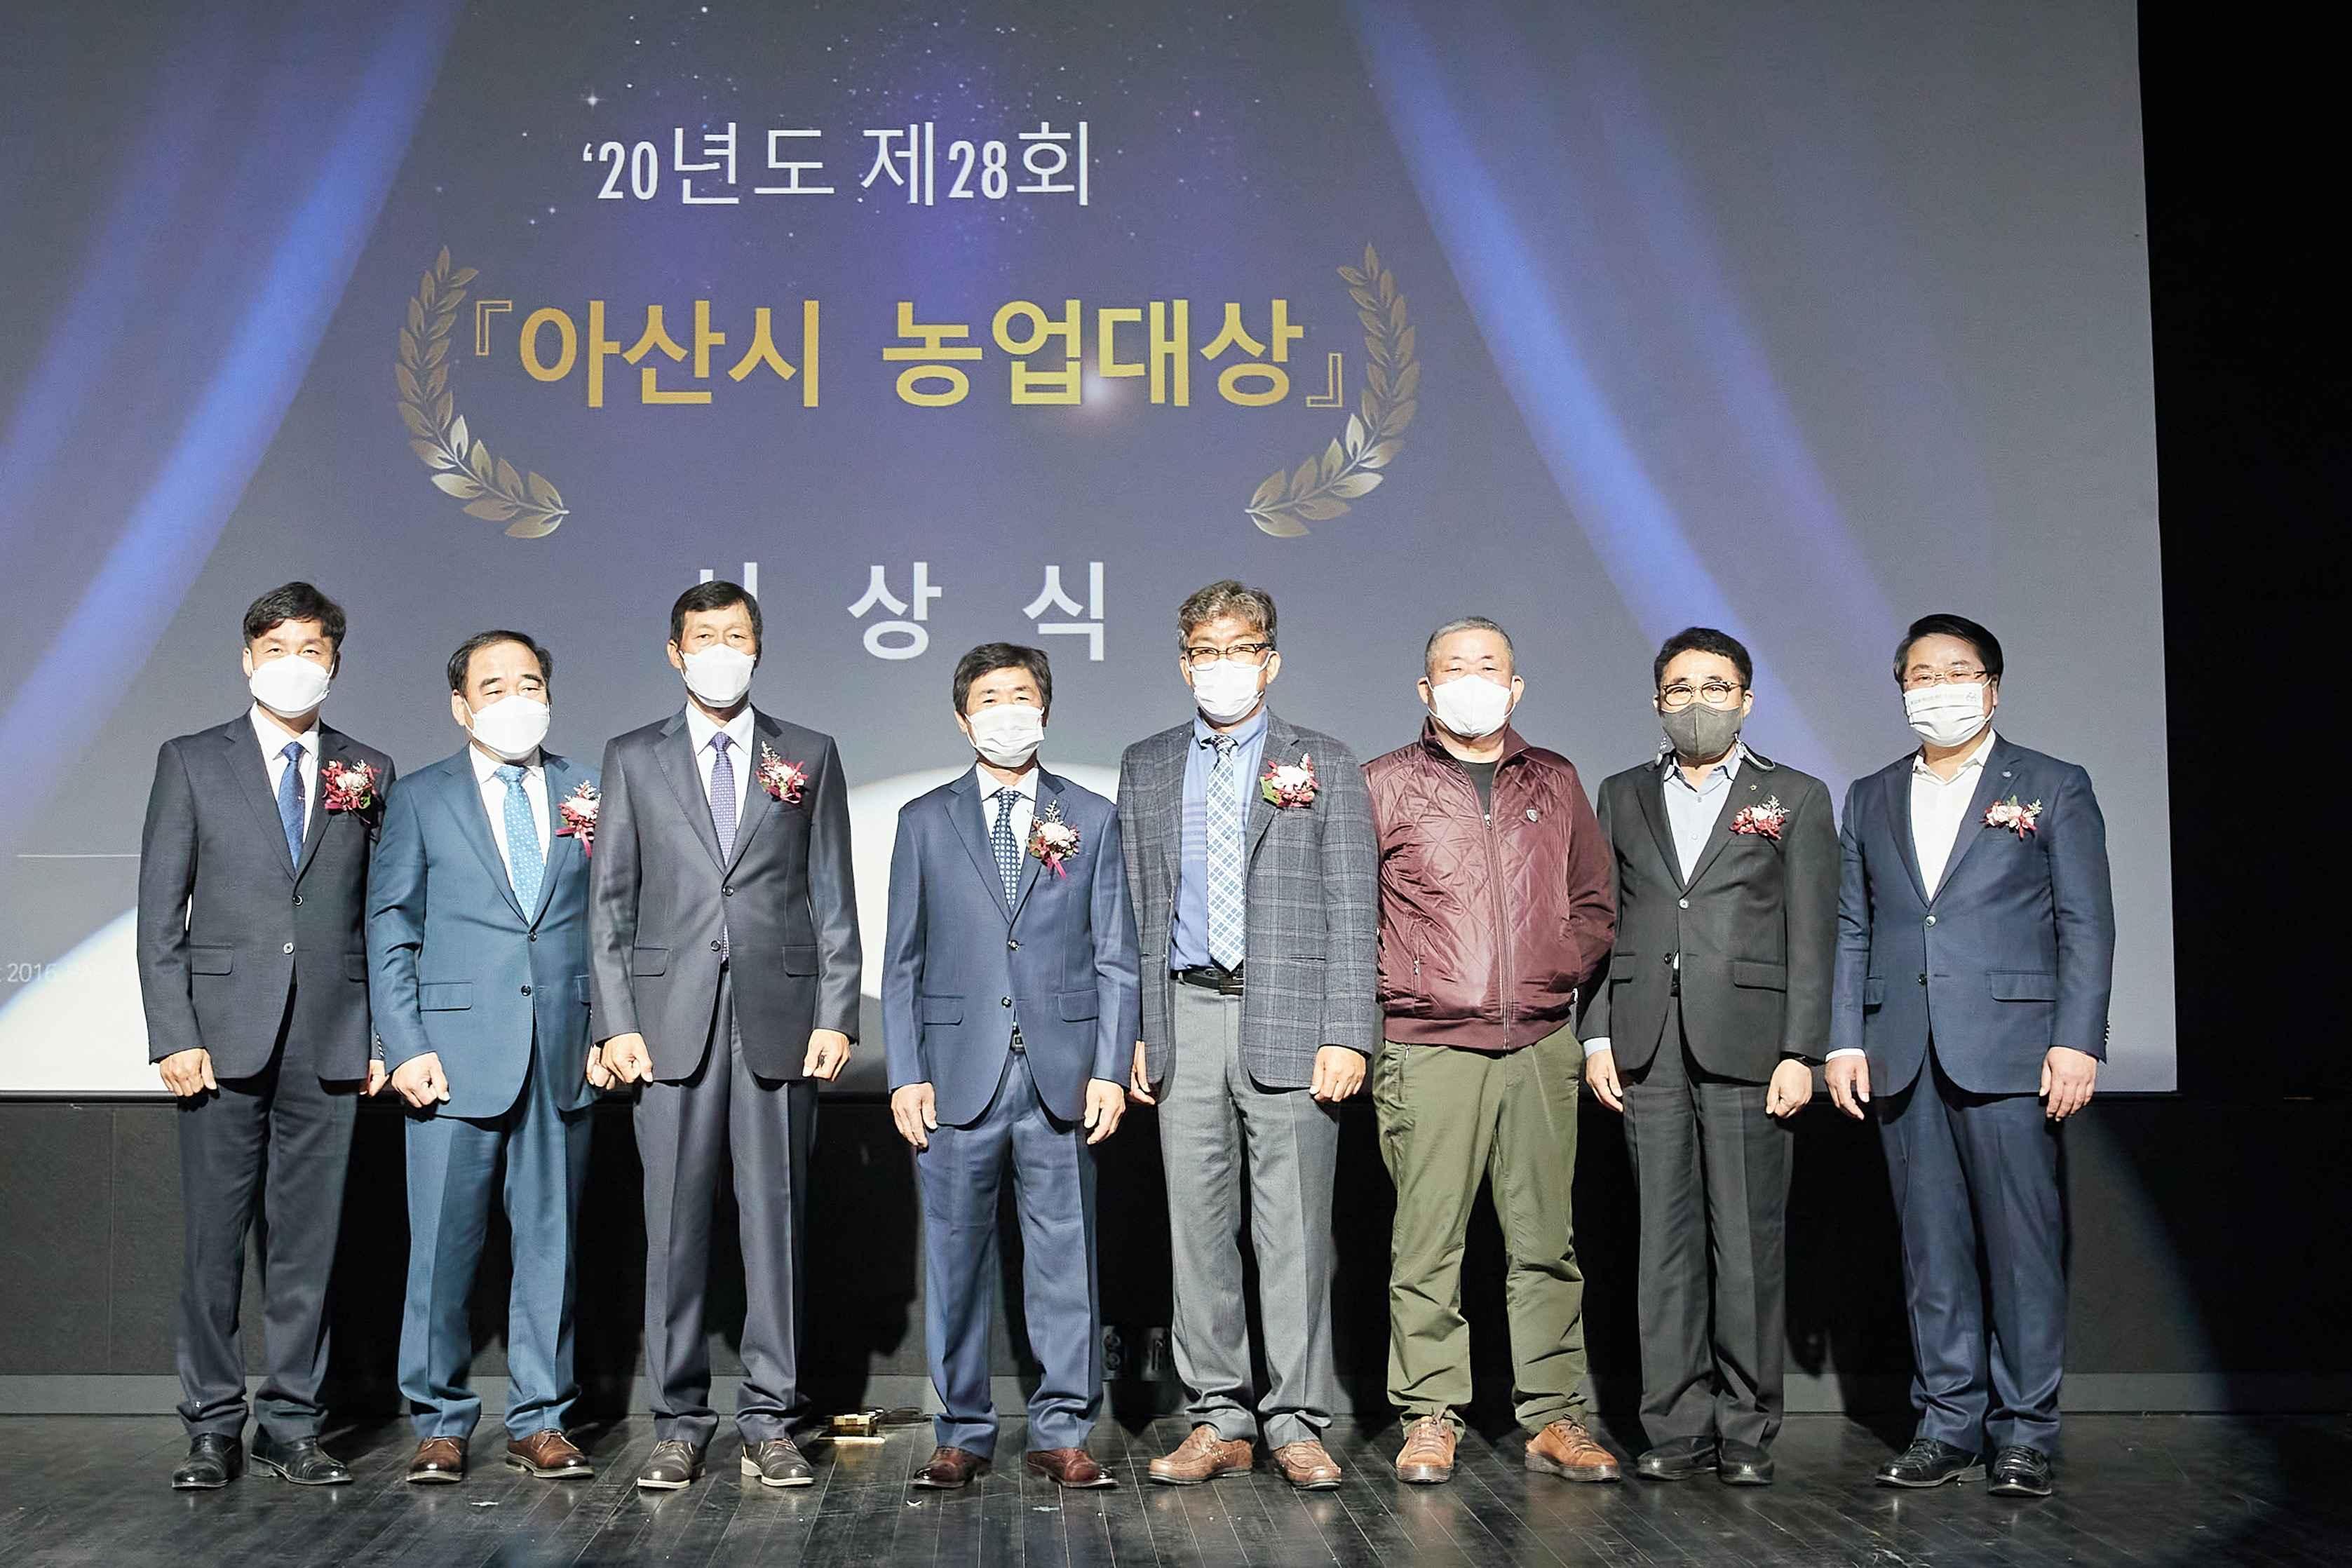 아산시 제28회 아산시 농업대상 시상식 개최 관련사진